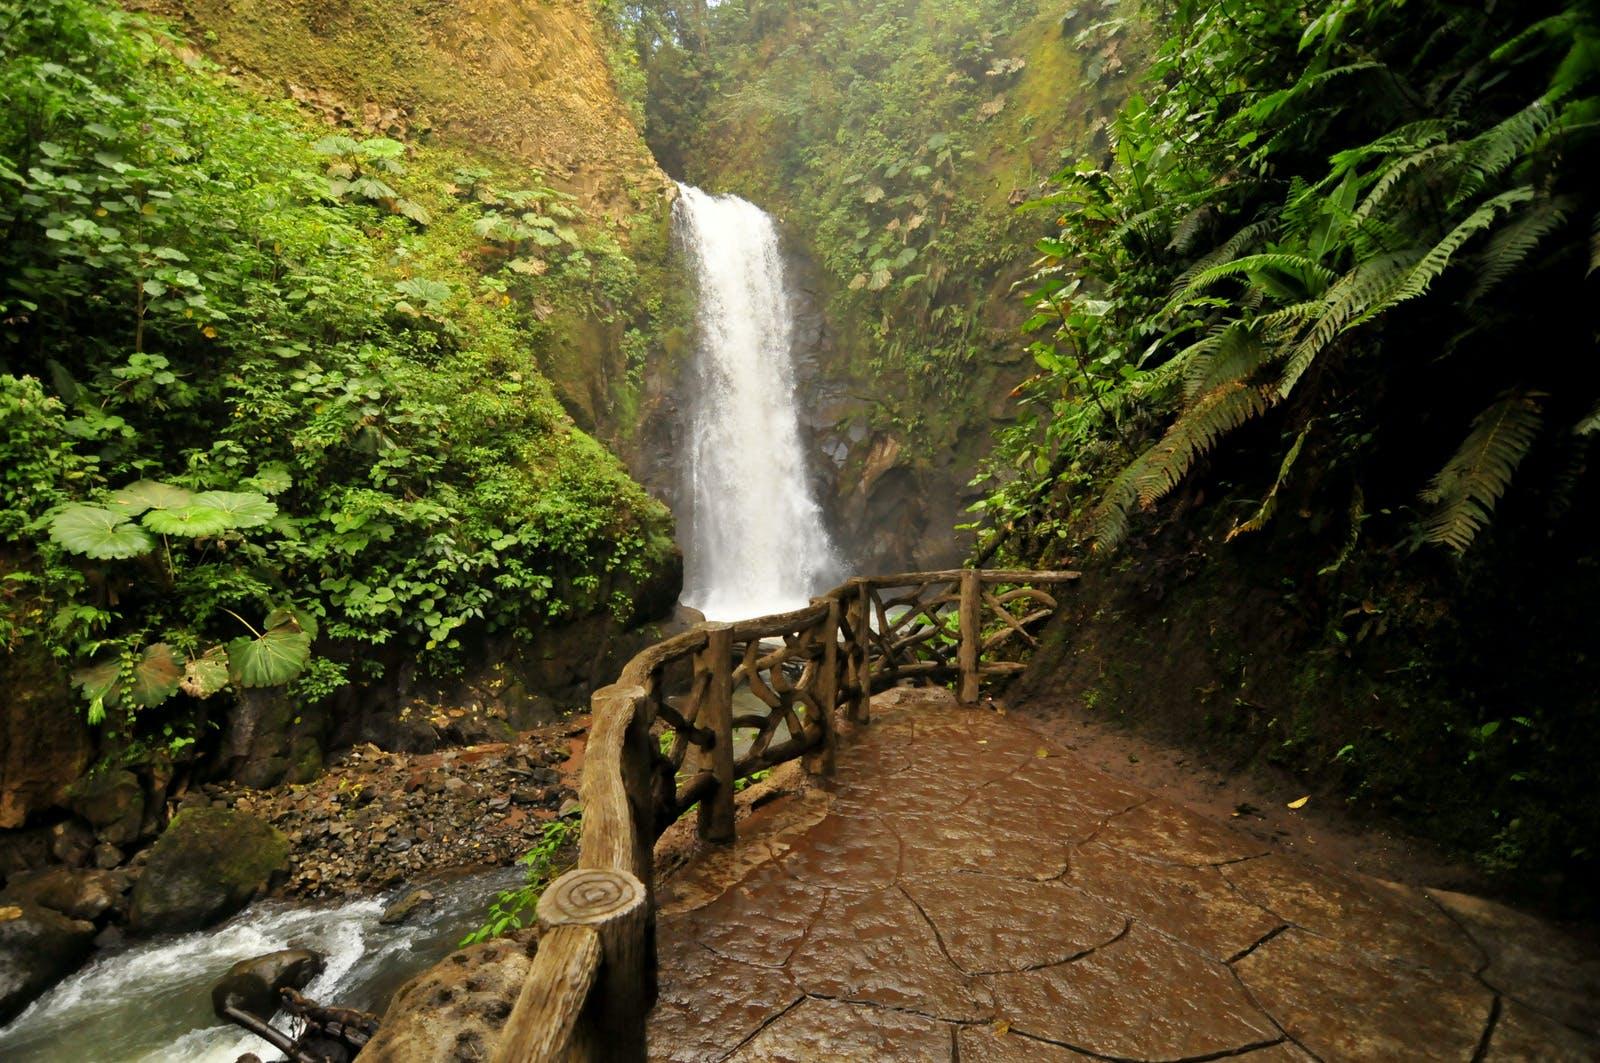 Doka_poas_la Paz Waterfall Tour_37